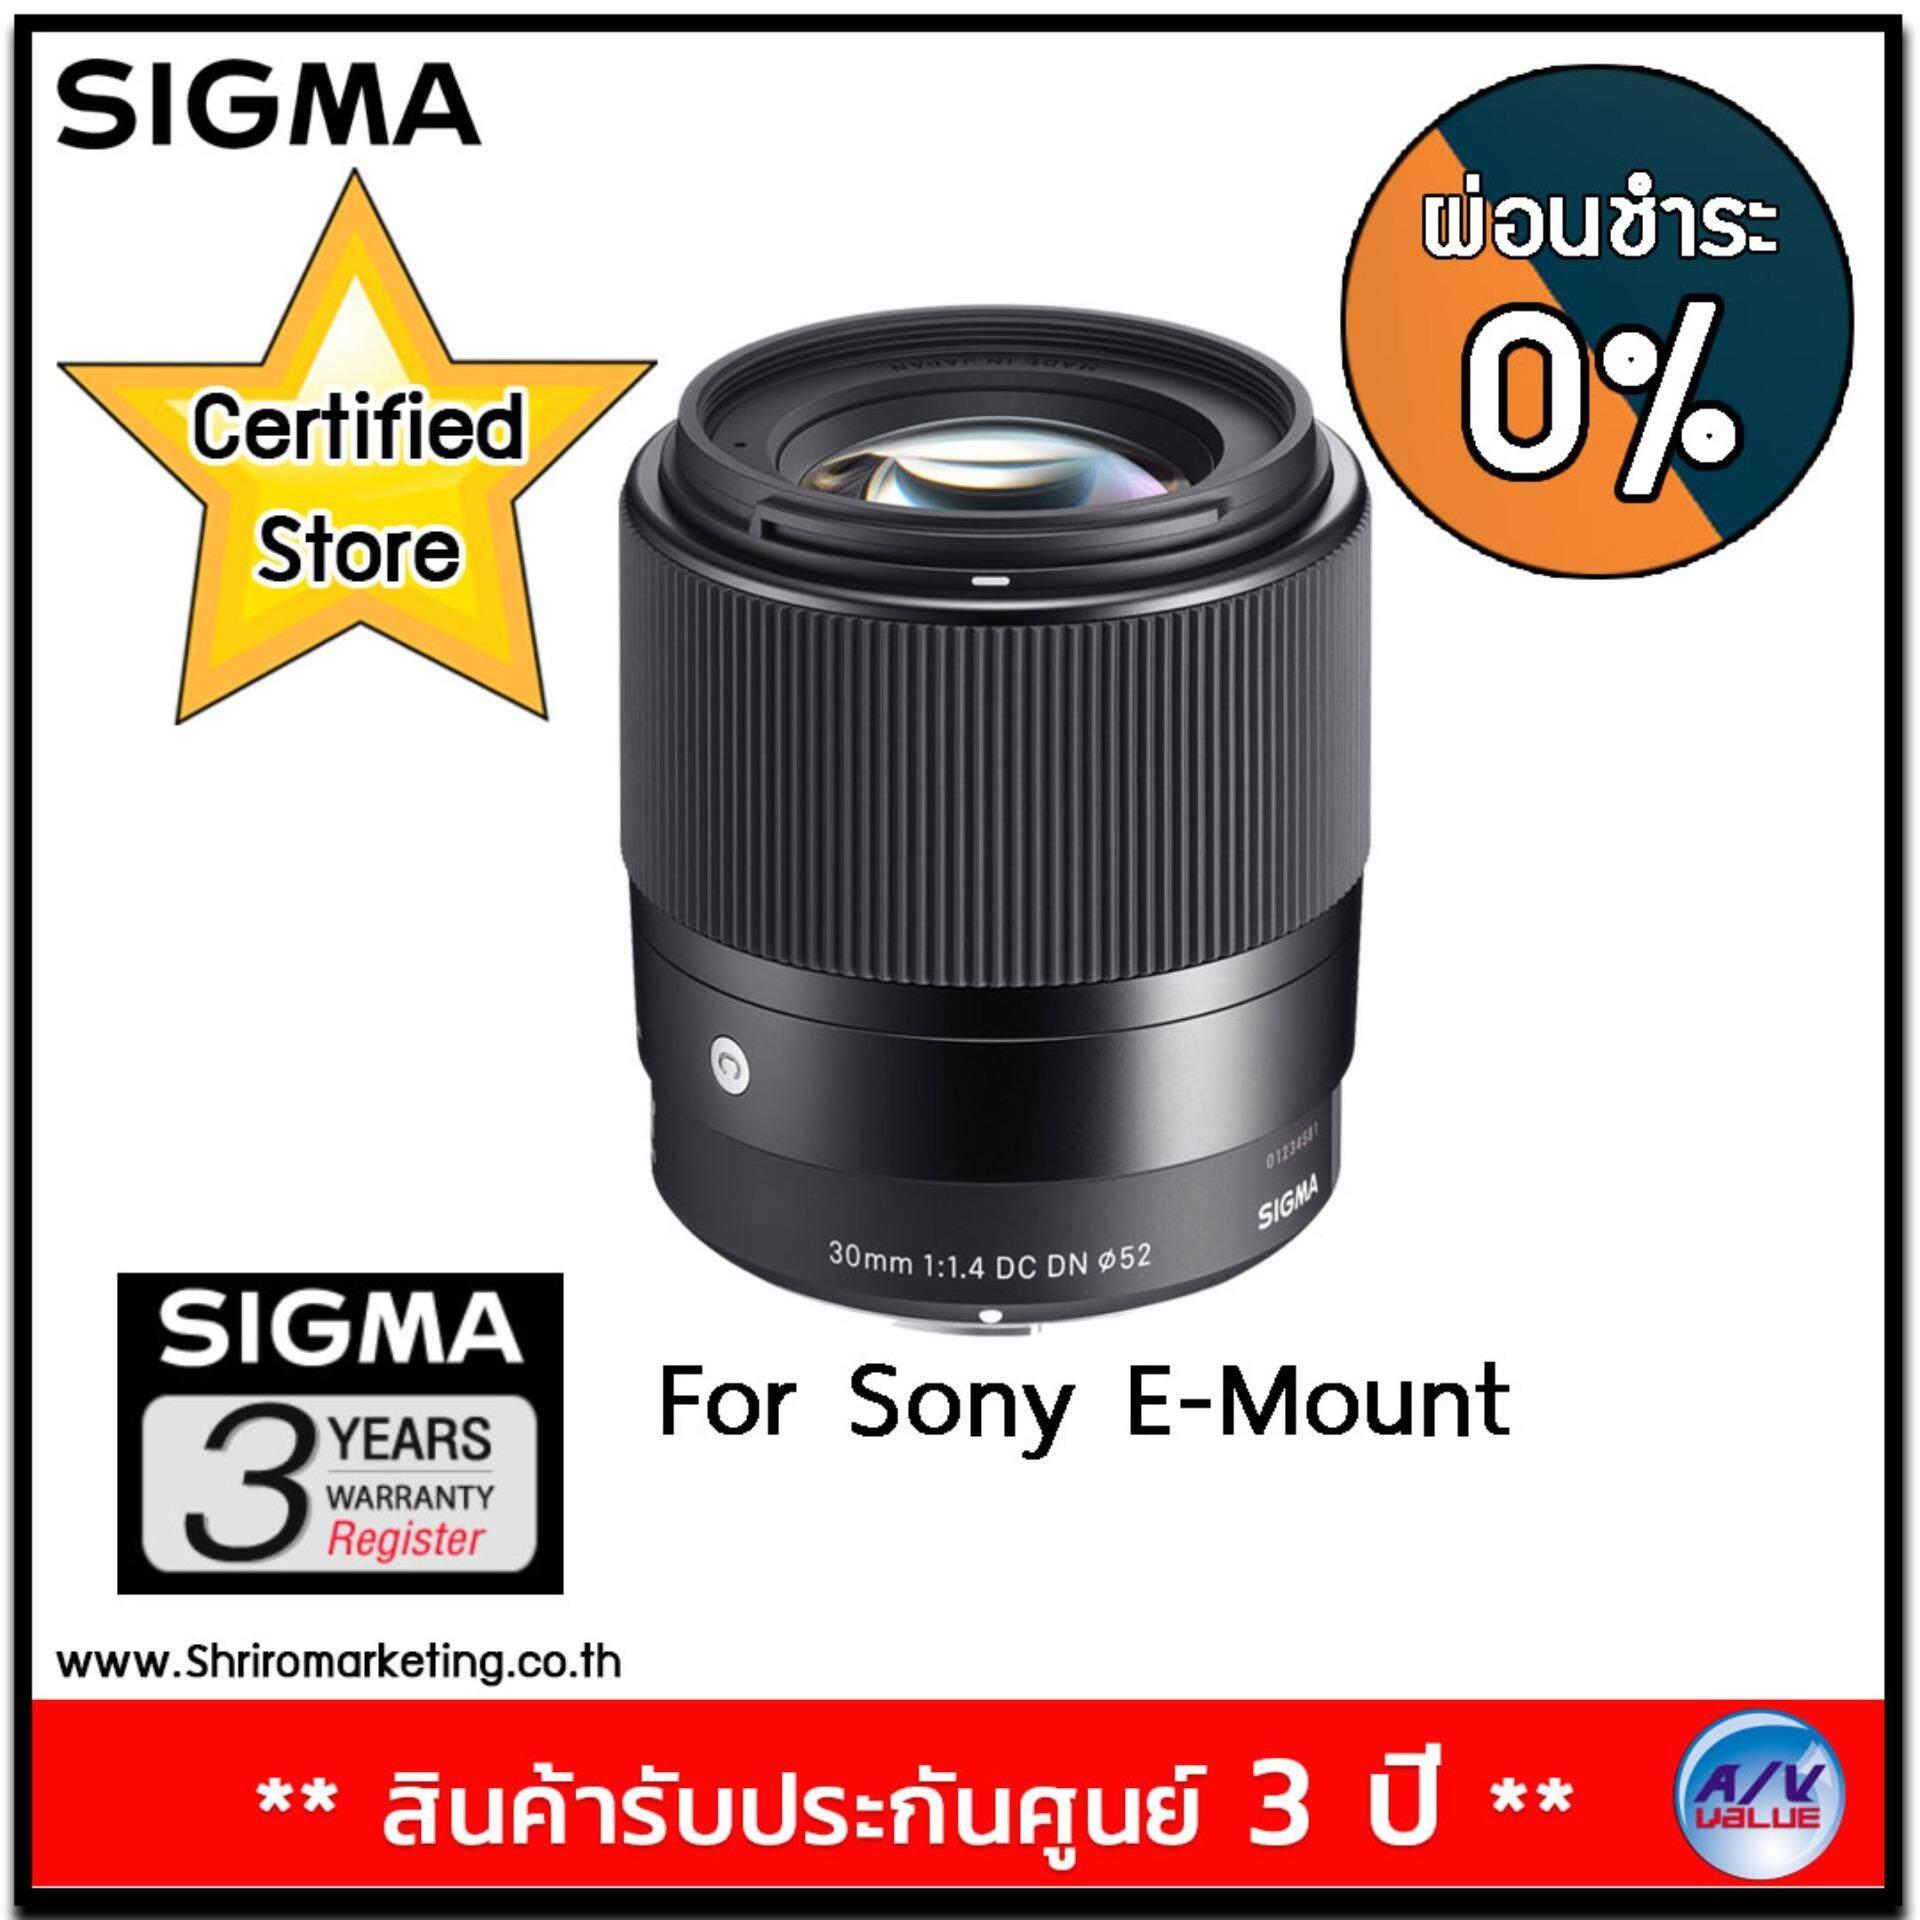 Sigma Lens 30mm F1.4 Dc Dn For Sony E-Mount ***ผ่อน 0% 10 เดือน.